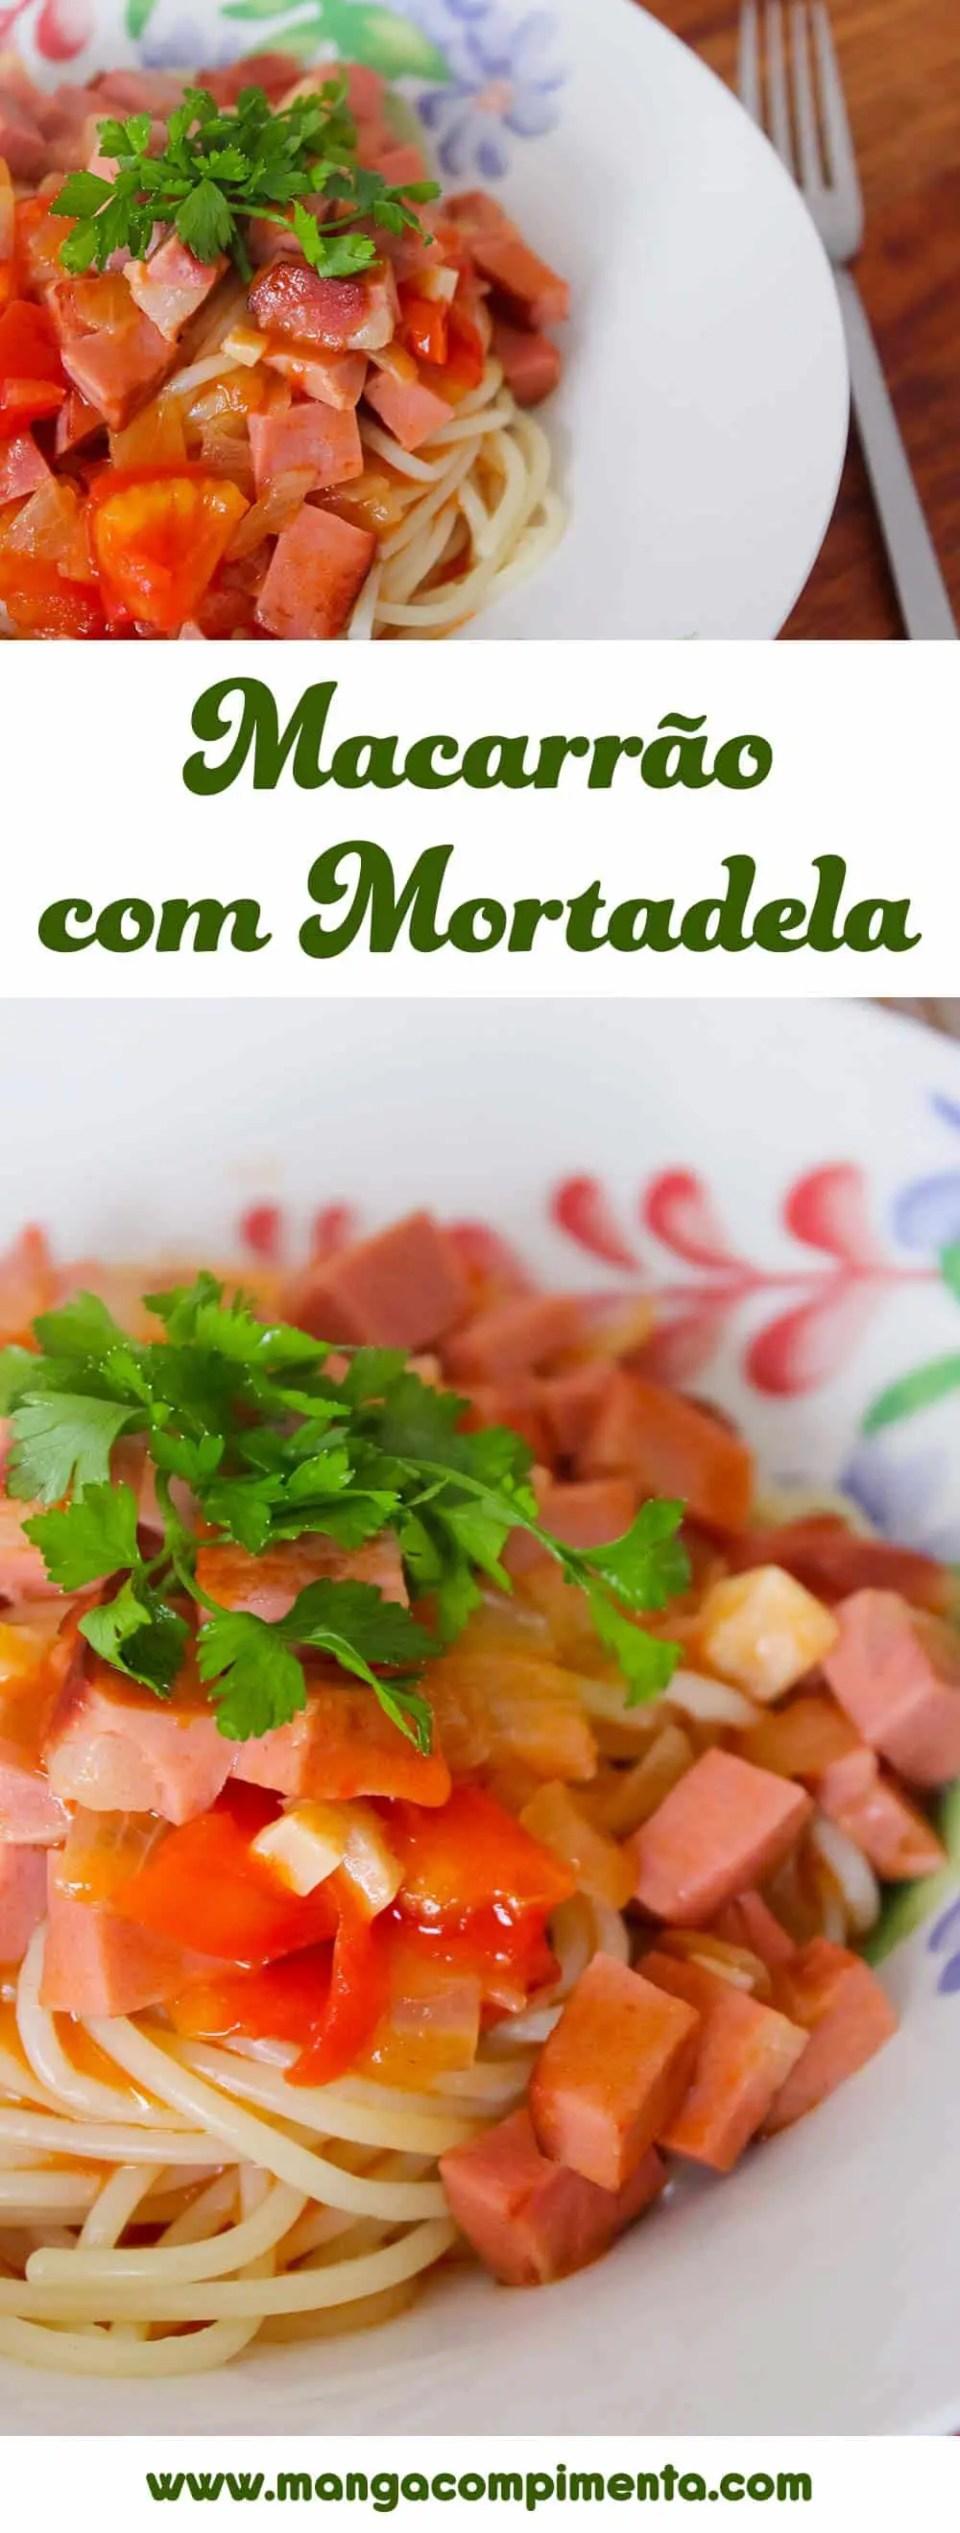 Macarrão com Mortadela - para um almoço express na semana!